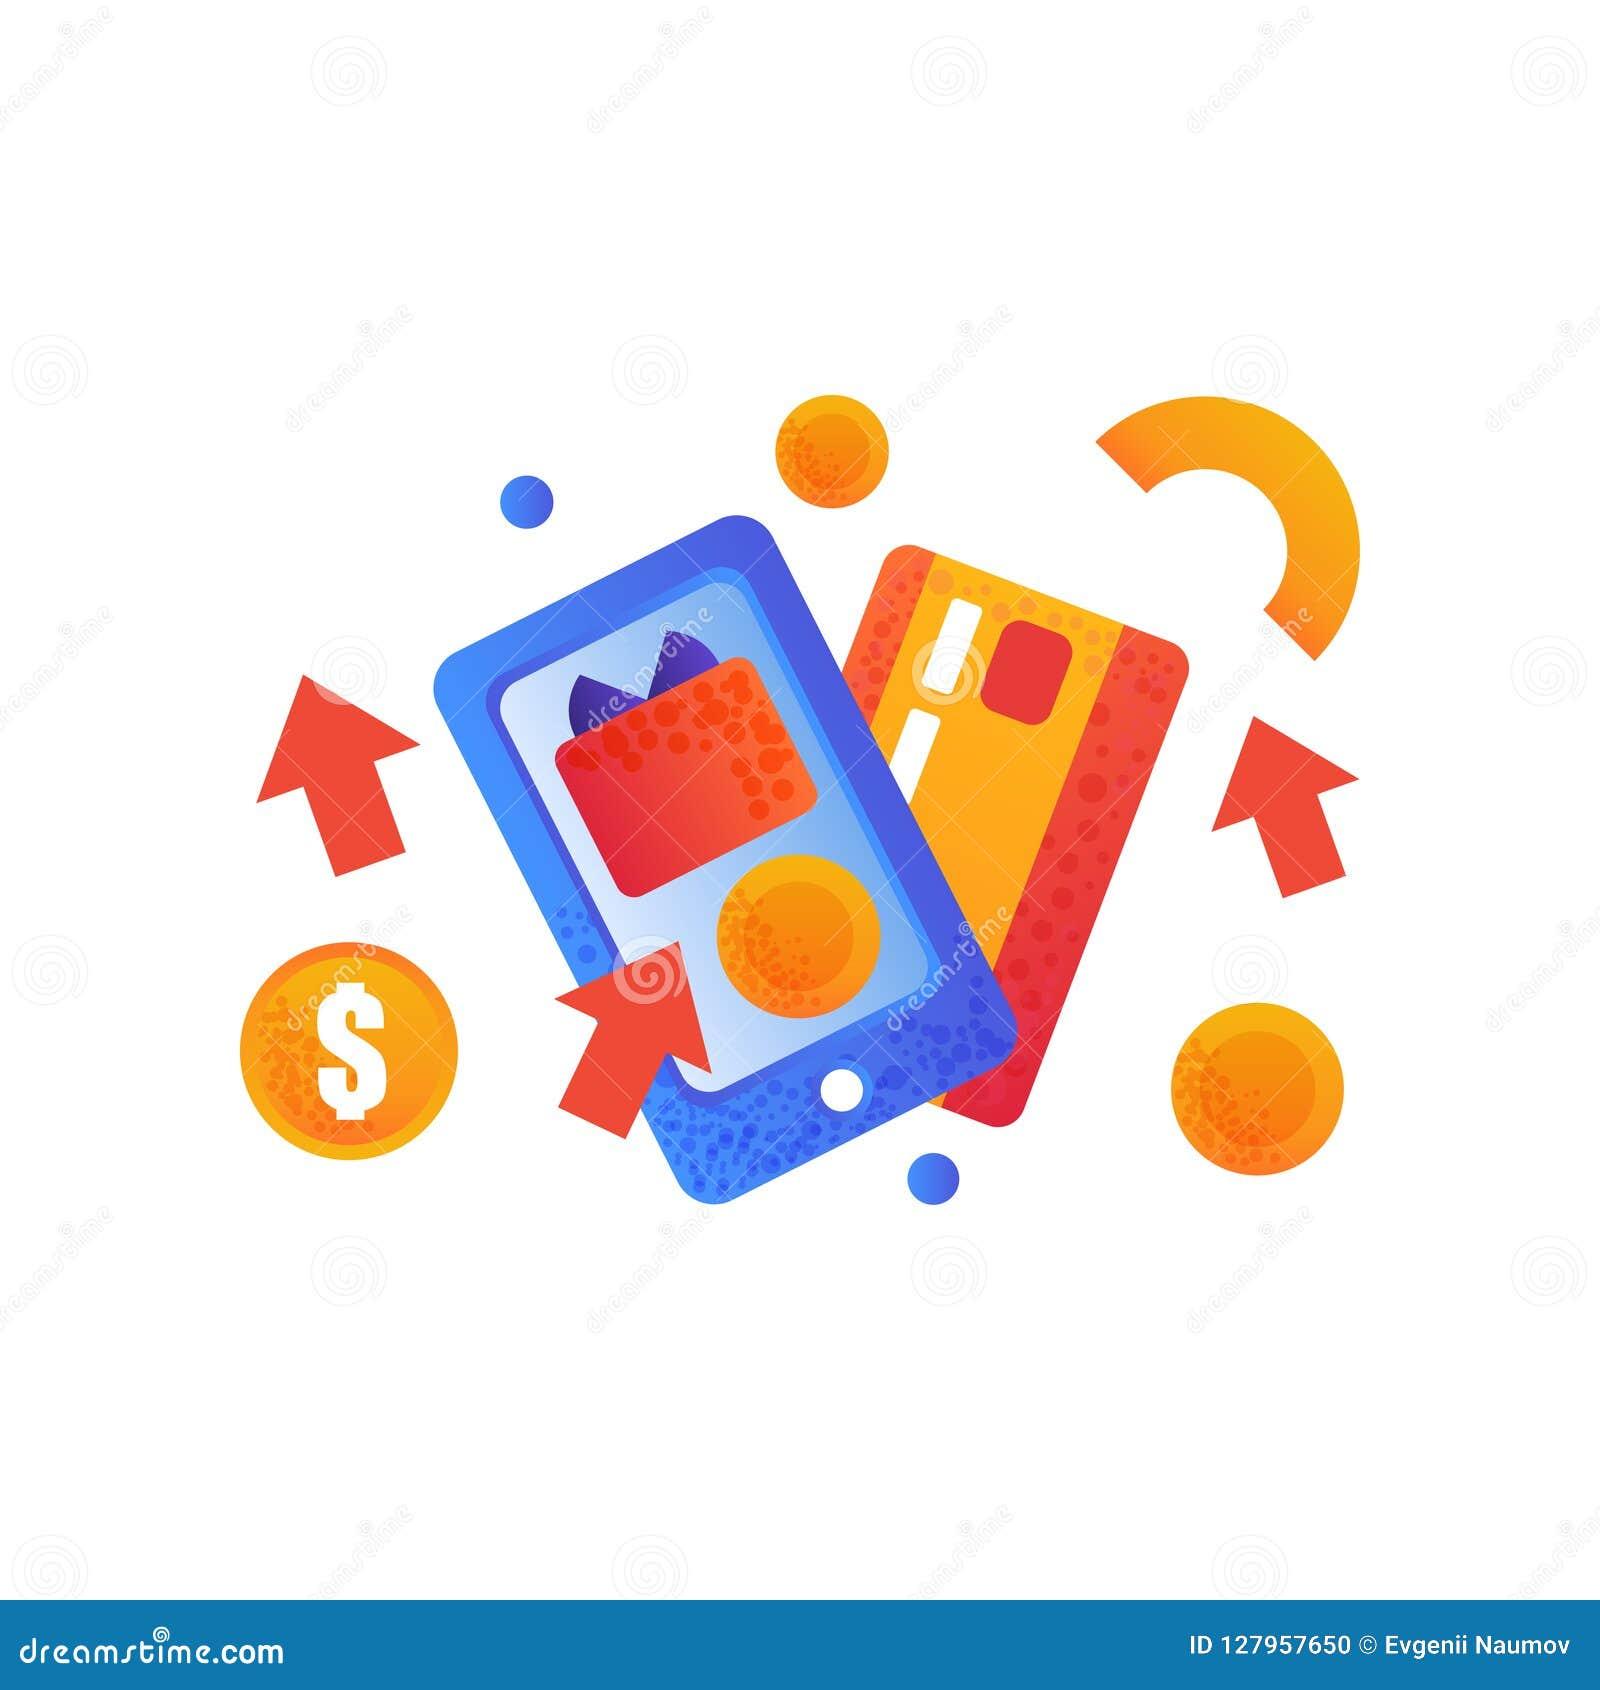 Online-shoppingsymboler, kreditkort och smartphone, illustration för e-kommers begreppsvektor på en vit bakgrund